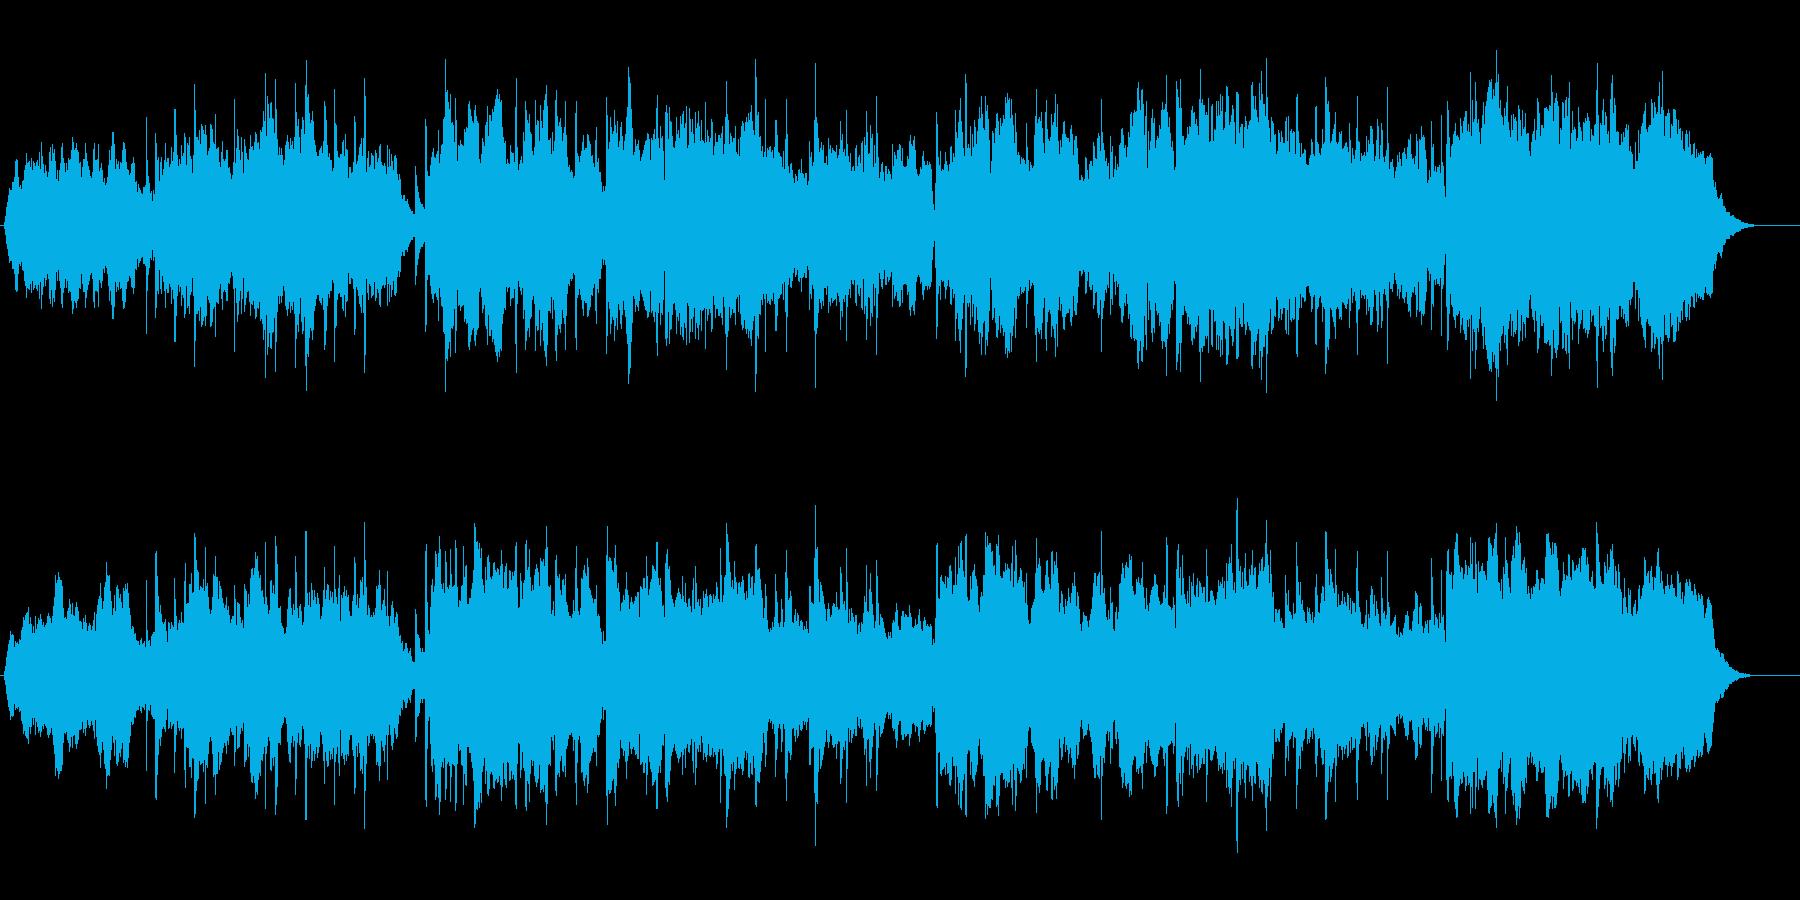 どっぷりとひたる感じのニューエイジの再生済みの波形